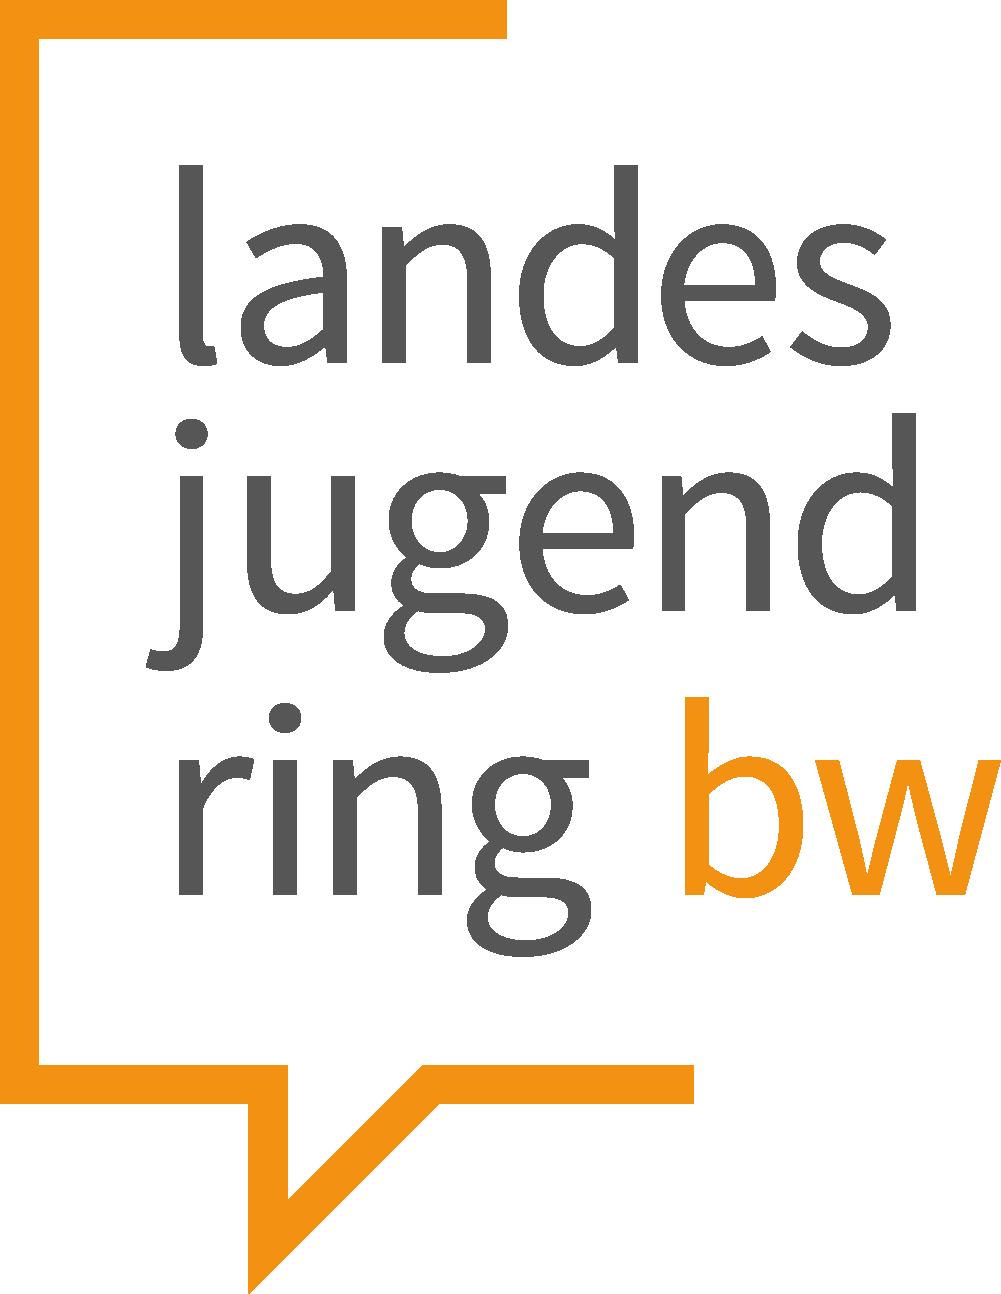 Logo des Landesjugendrings